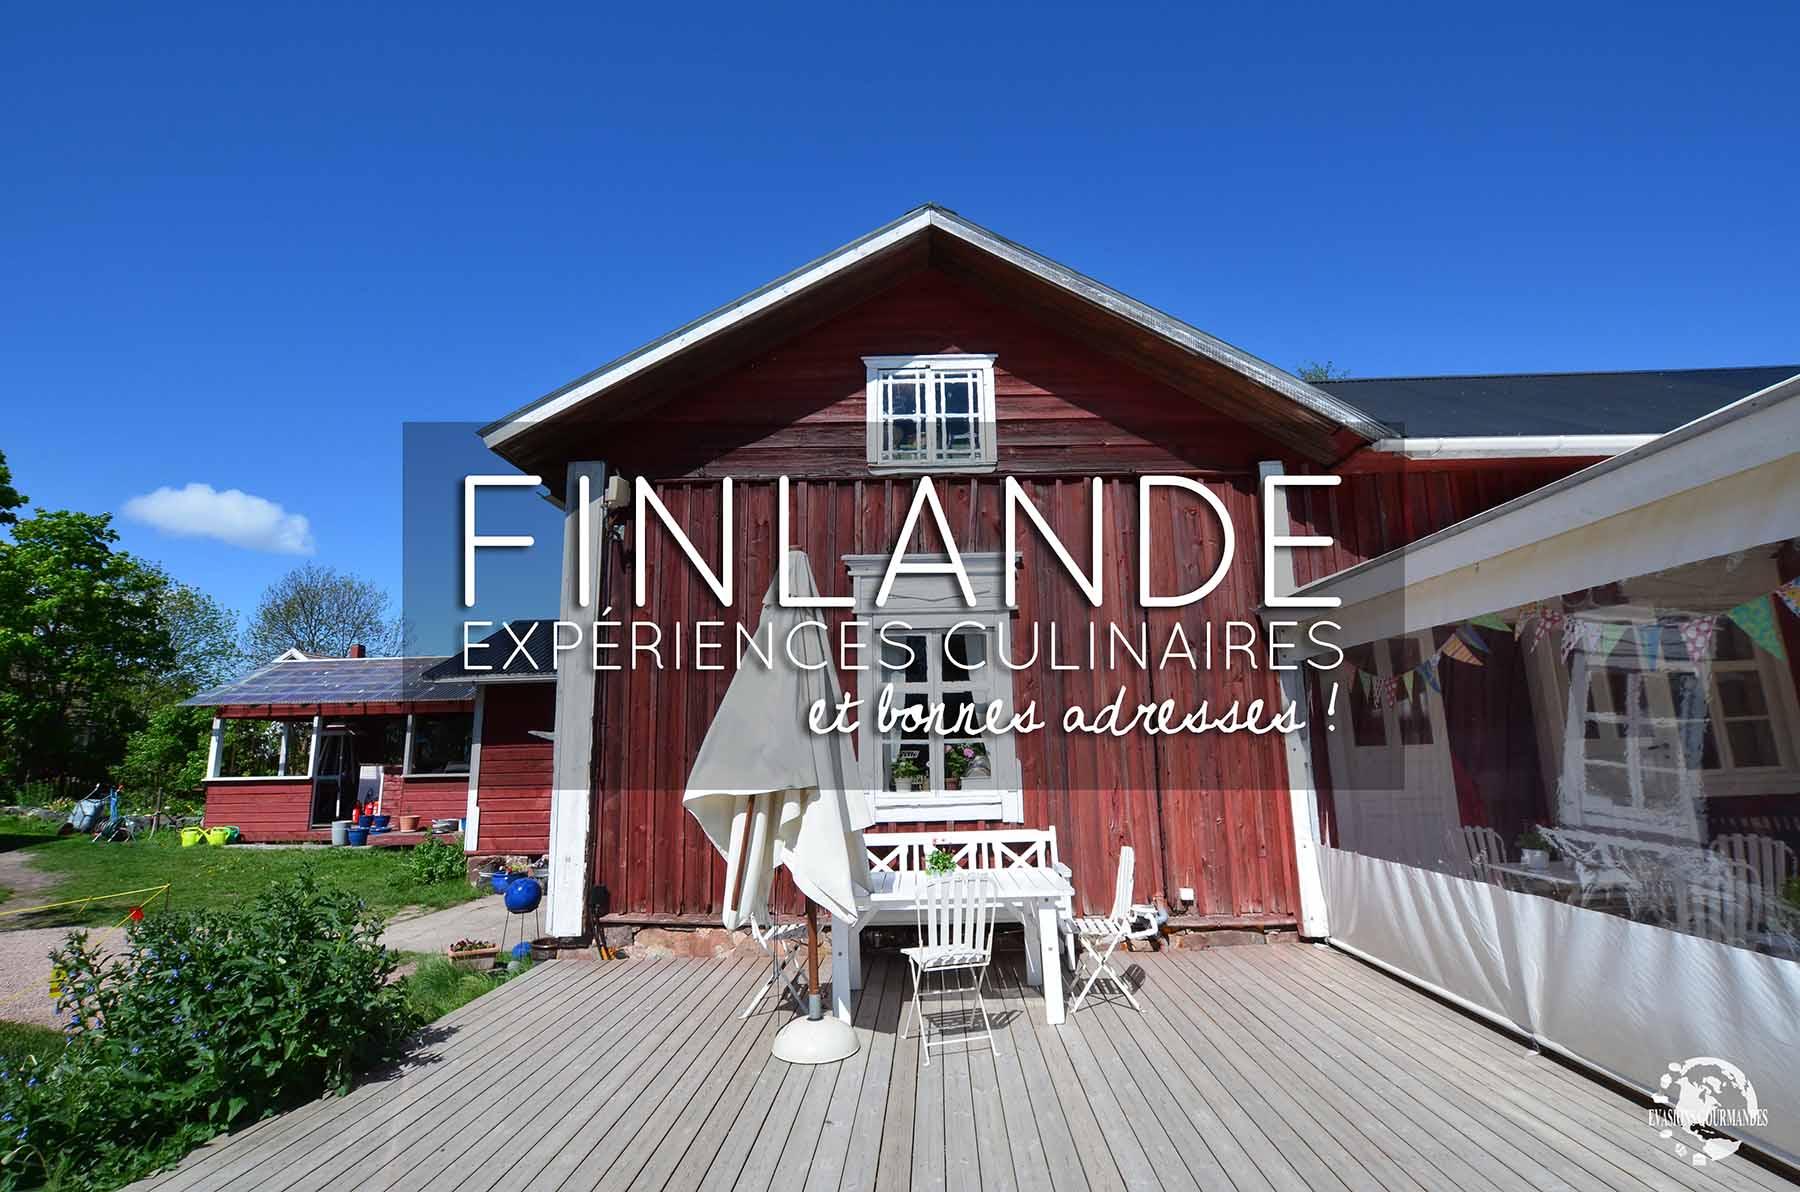 Expériences culinaires à vivre en Finlande